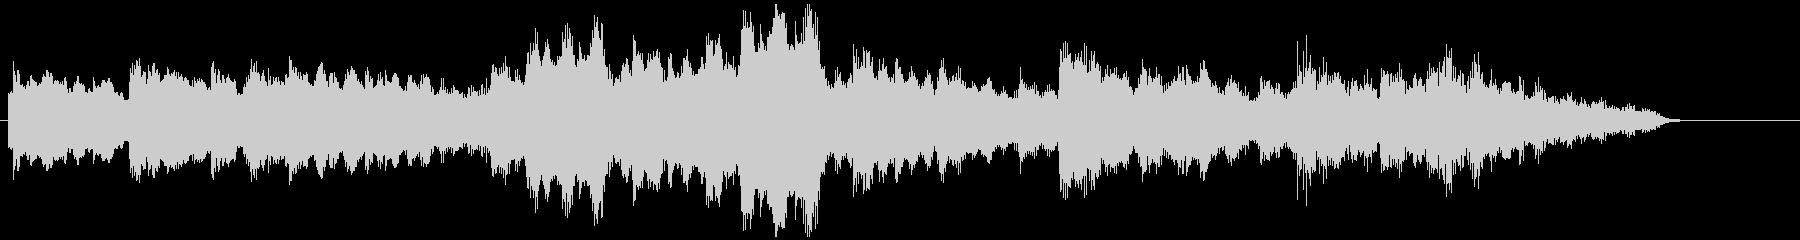 可愛らしいエレクトリックピアノの未再生の波形